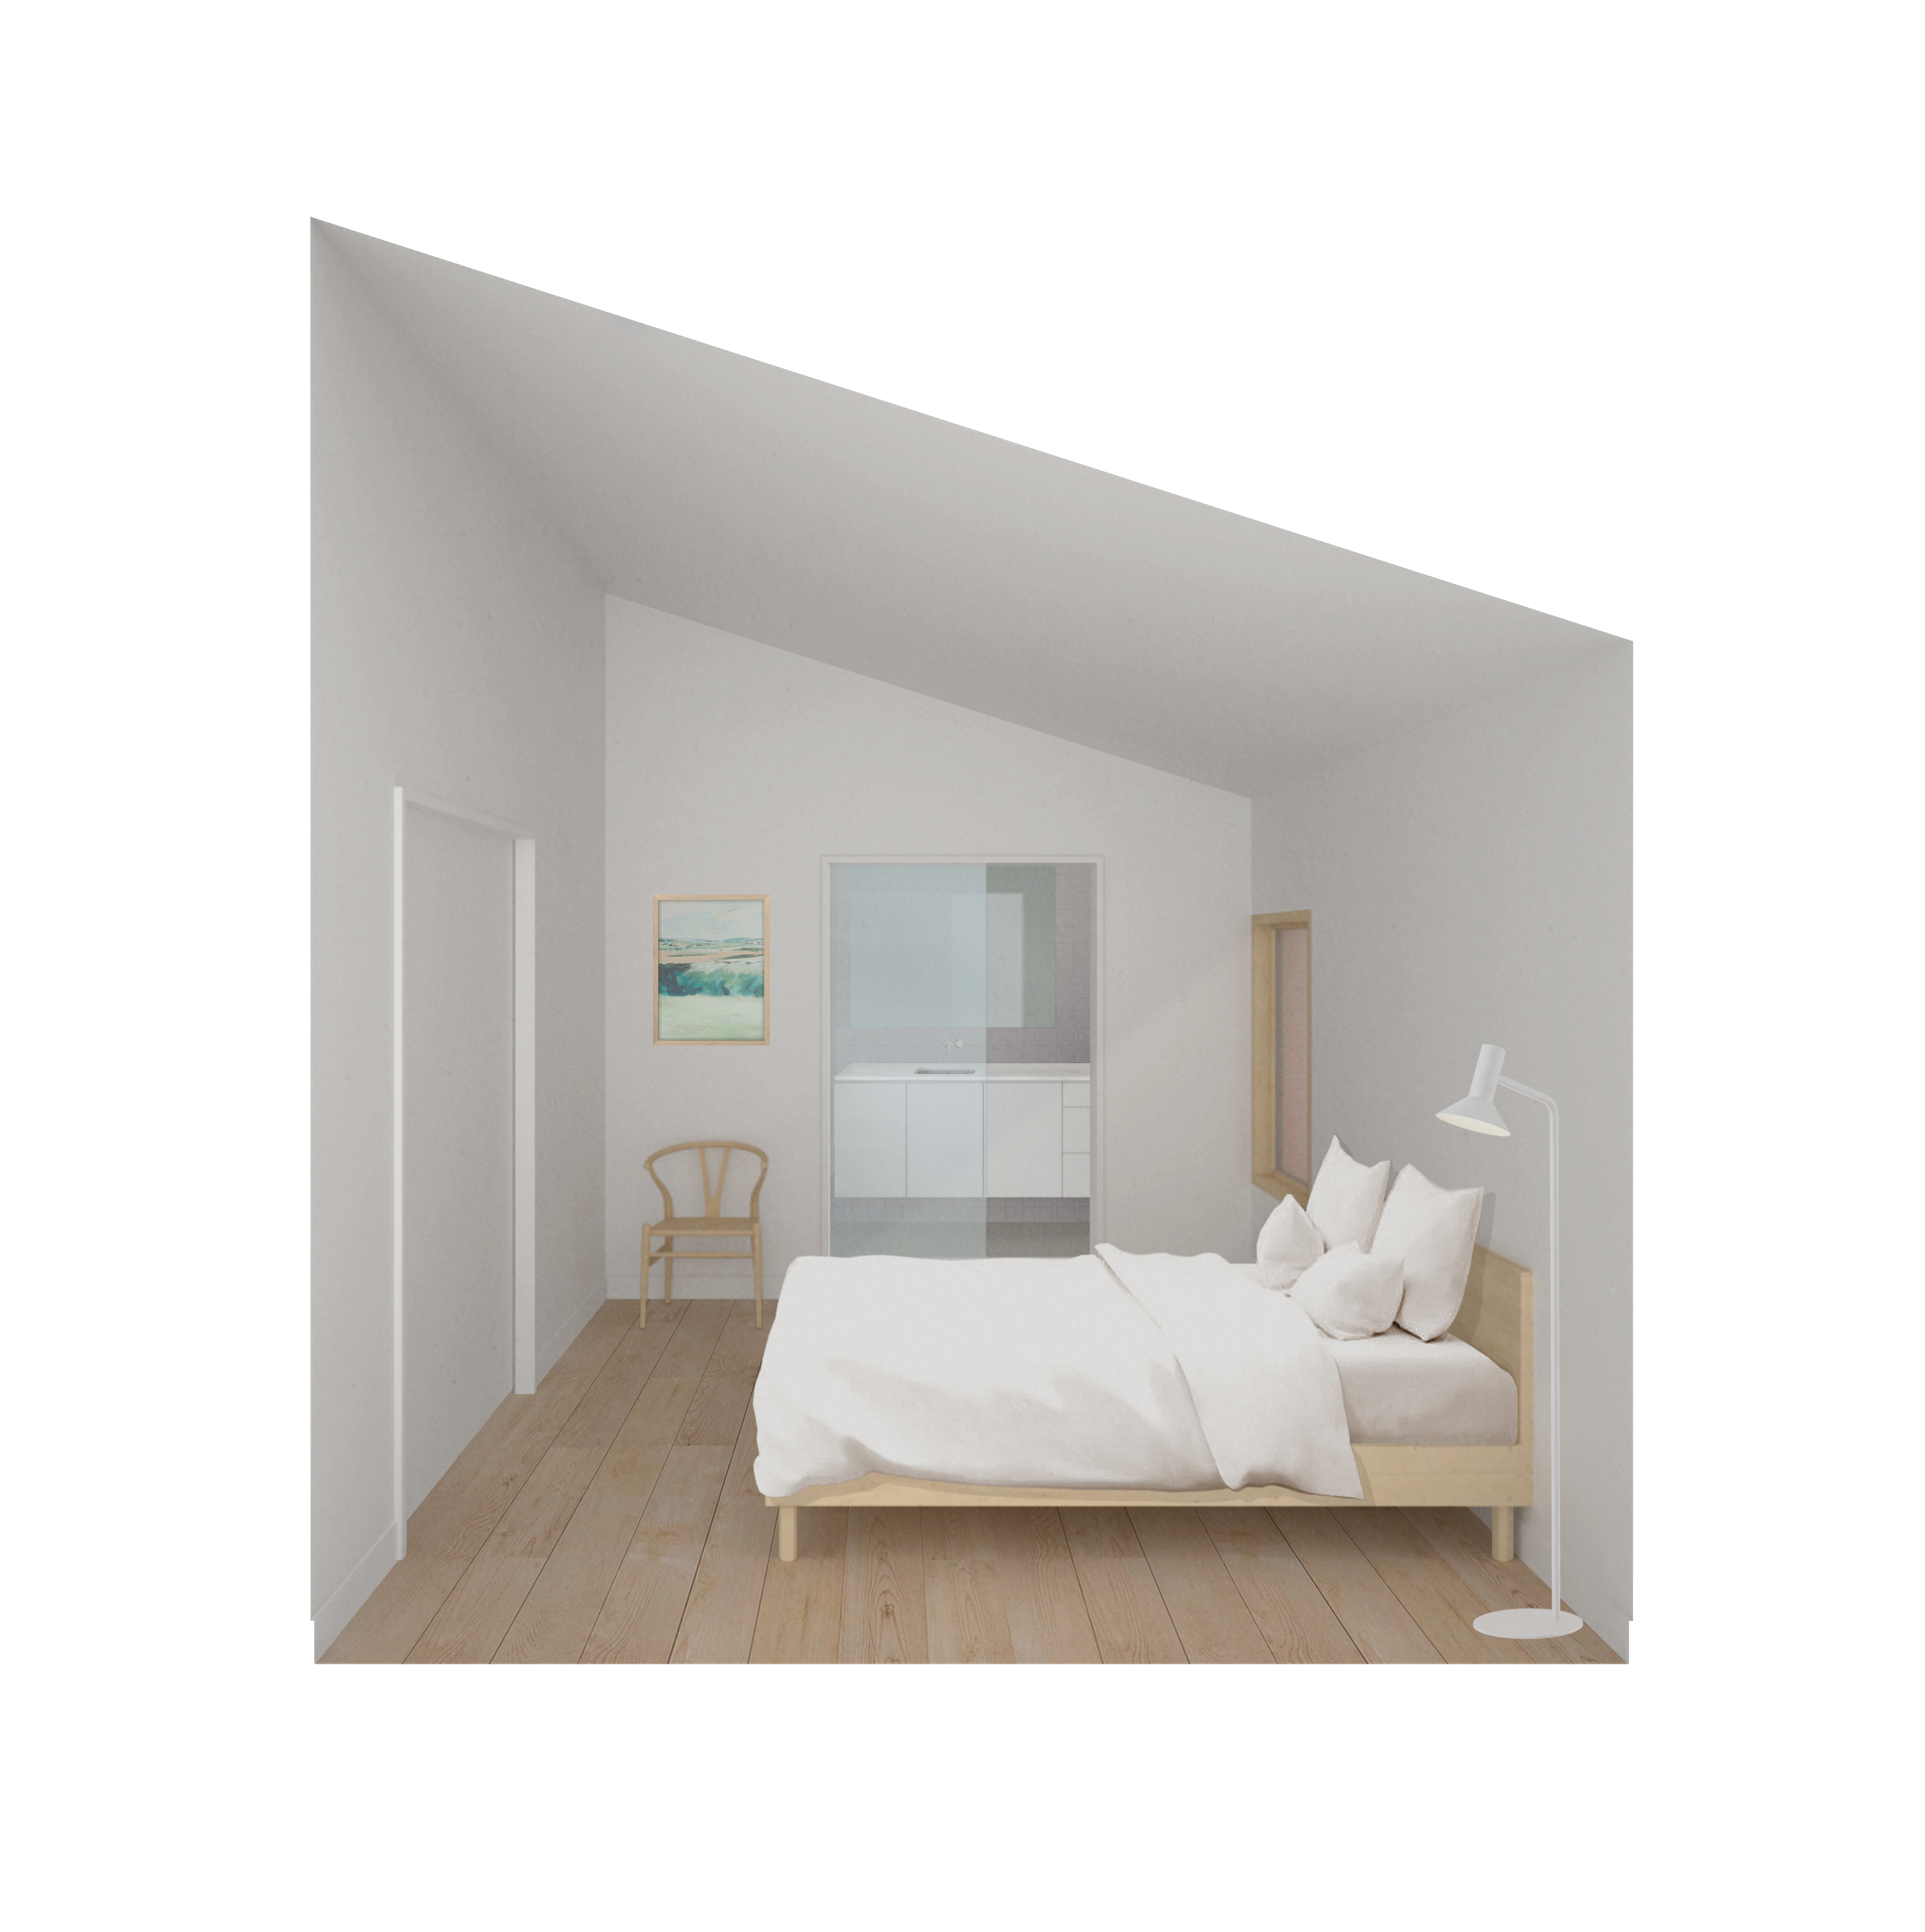 18003-Bedroom View